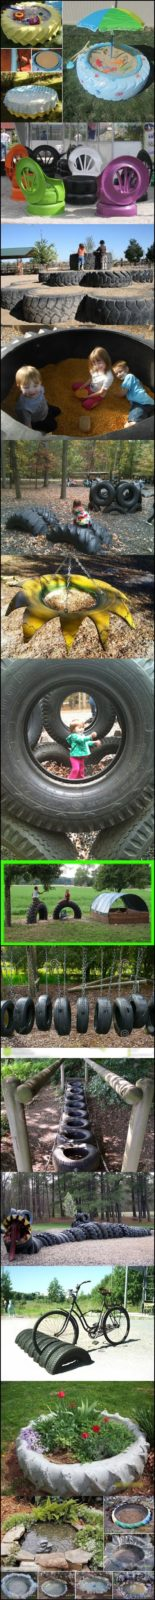 Поделки из шин для сада и огорода своими руками: мастерим на даче